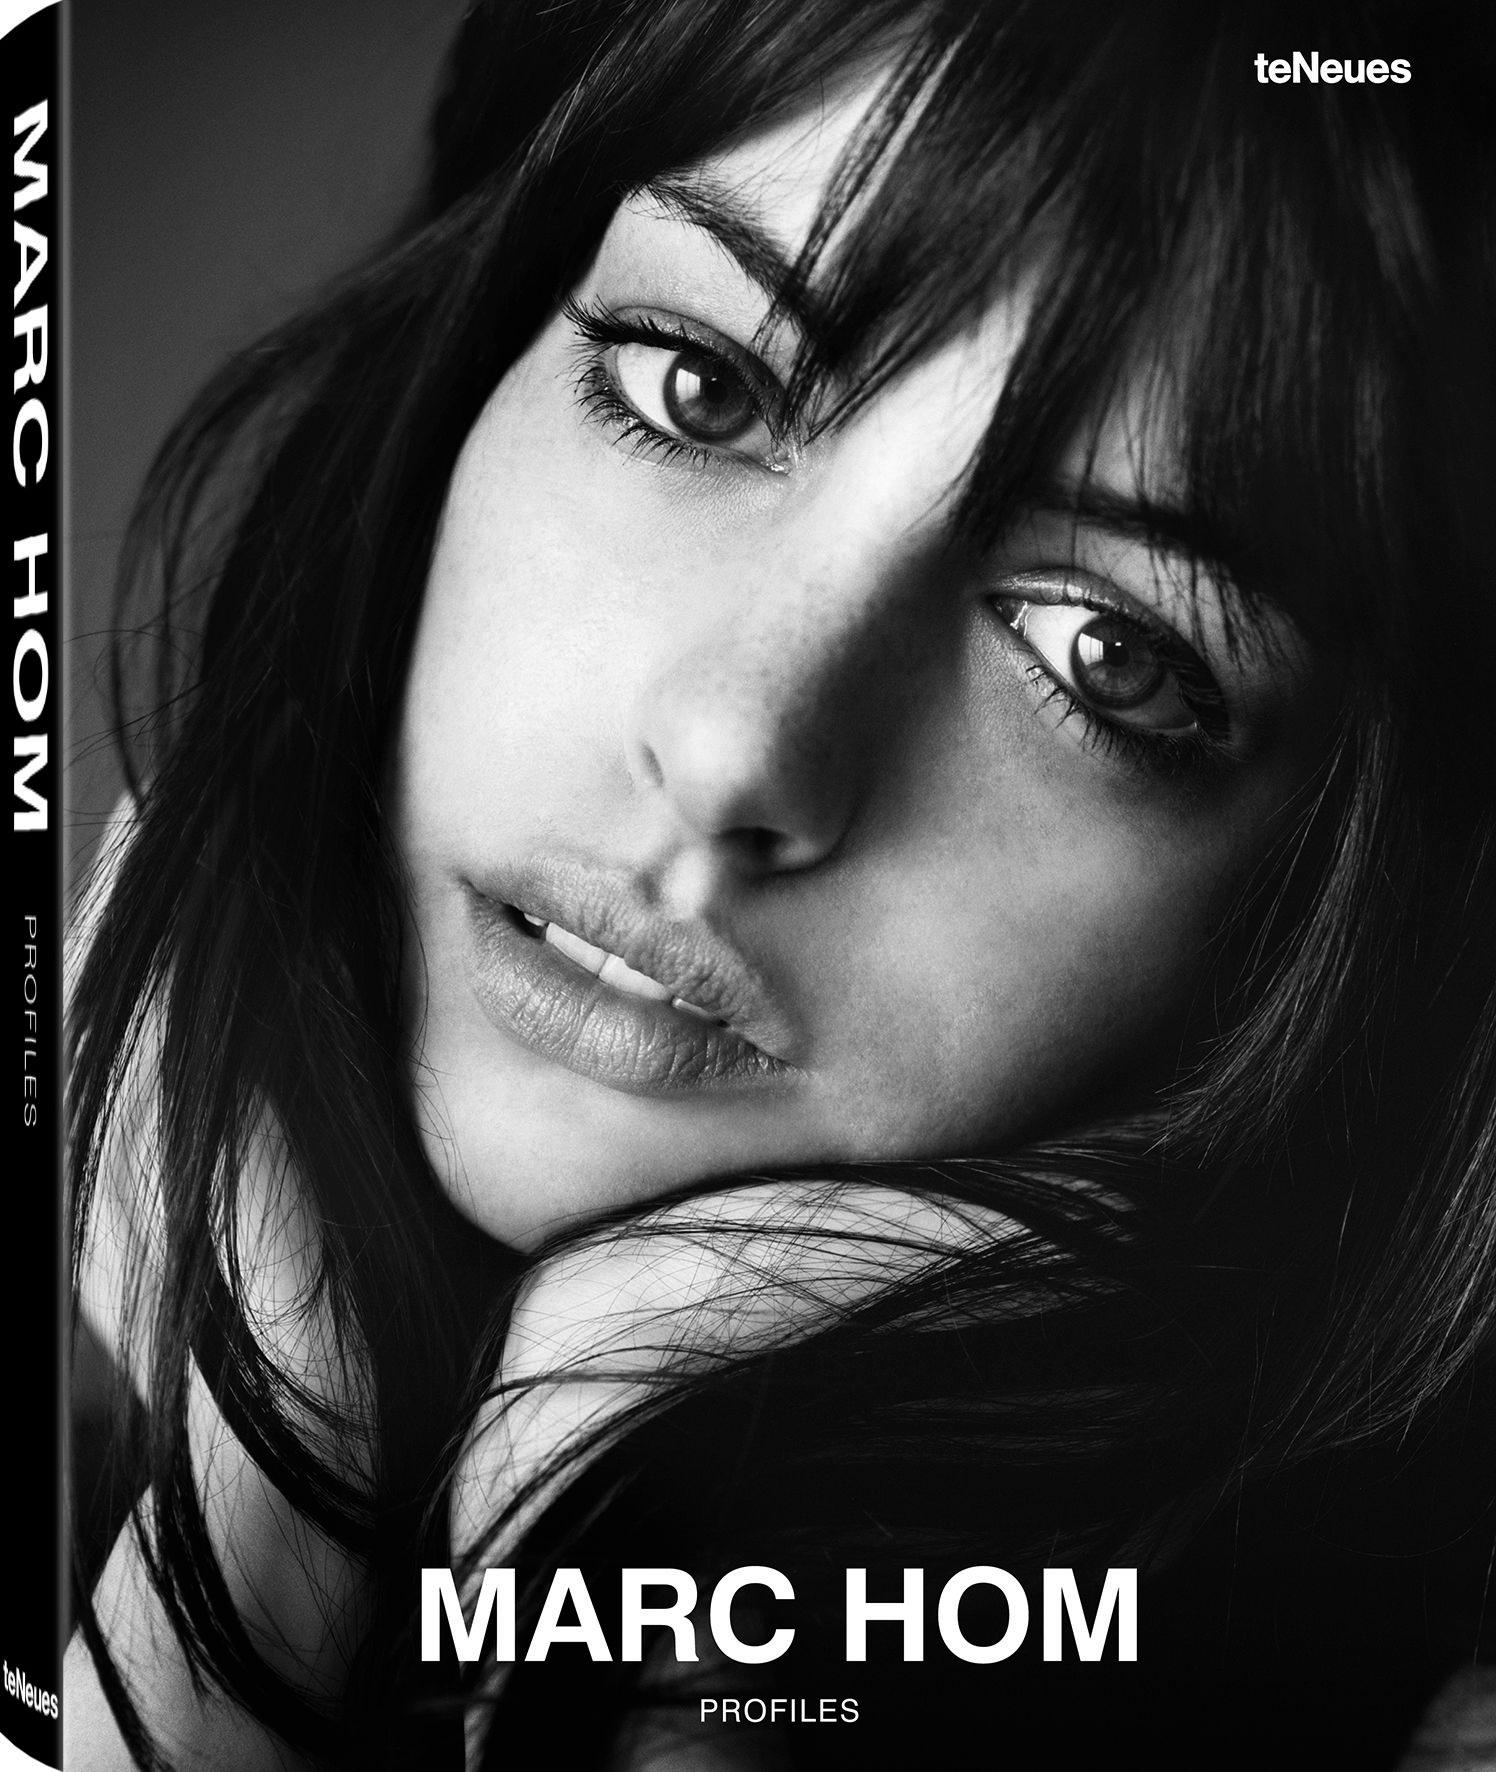 Profiles Marc Hom Mit Einem Vorwort Von Anne Hathaway